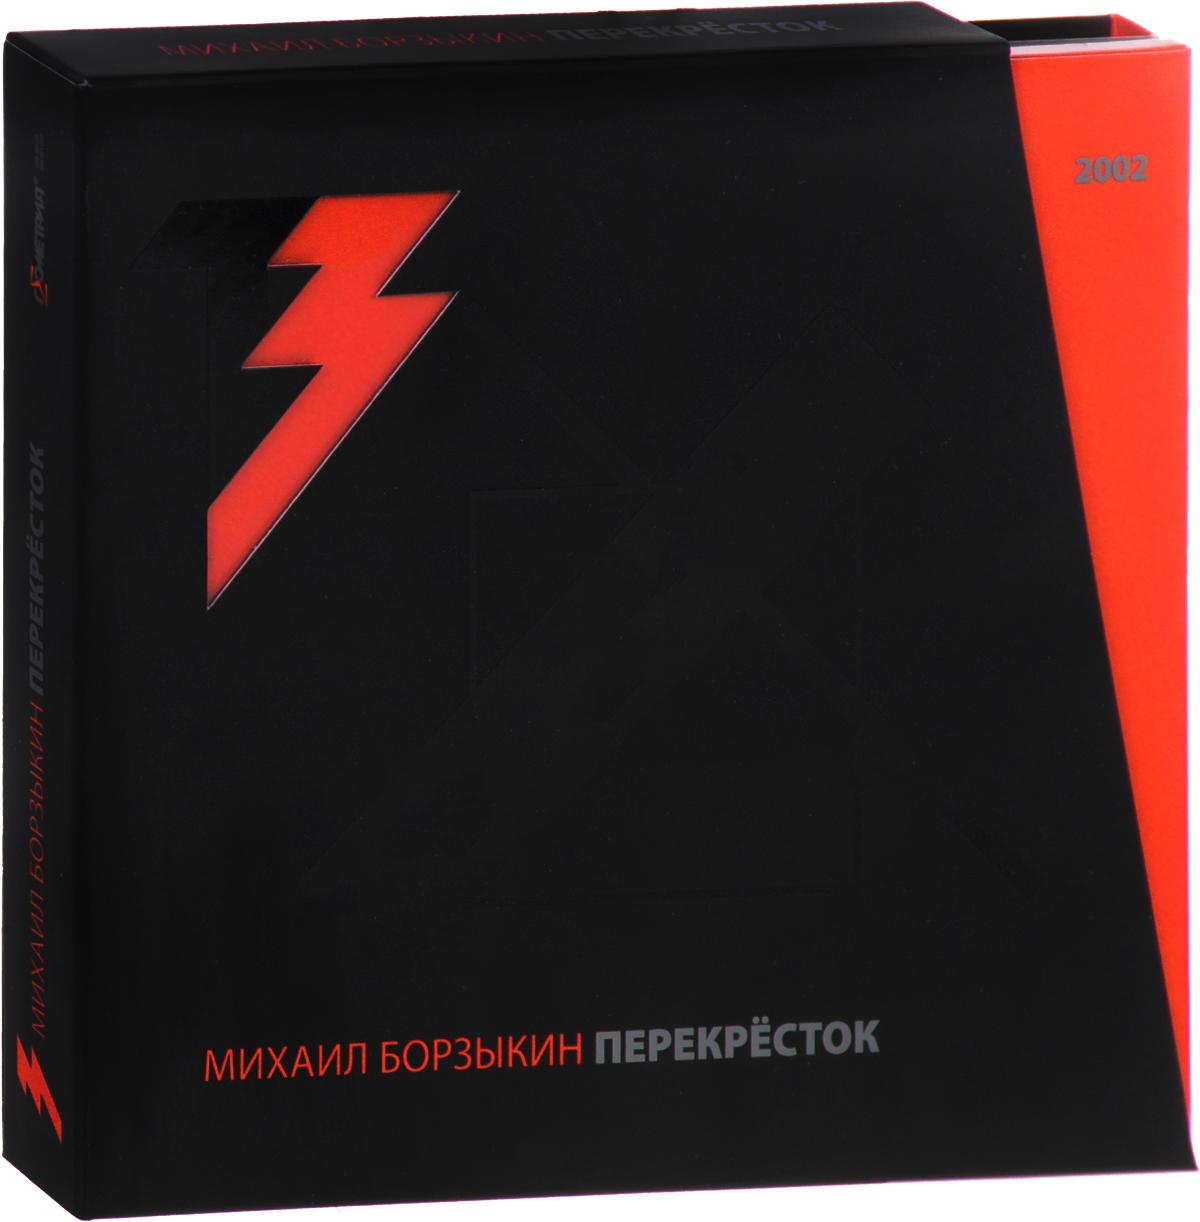 Издание содержит 20-страничный буклет с фотографиями и текстами песен на русском языке.